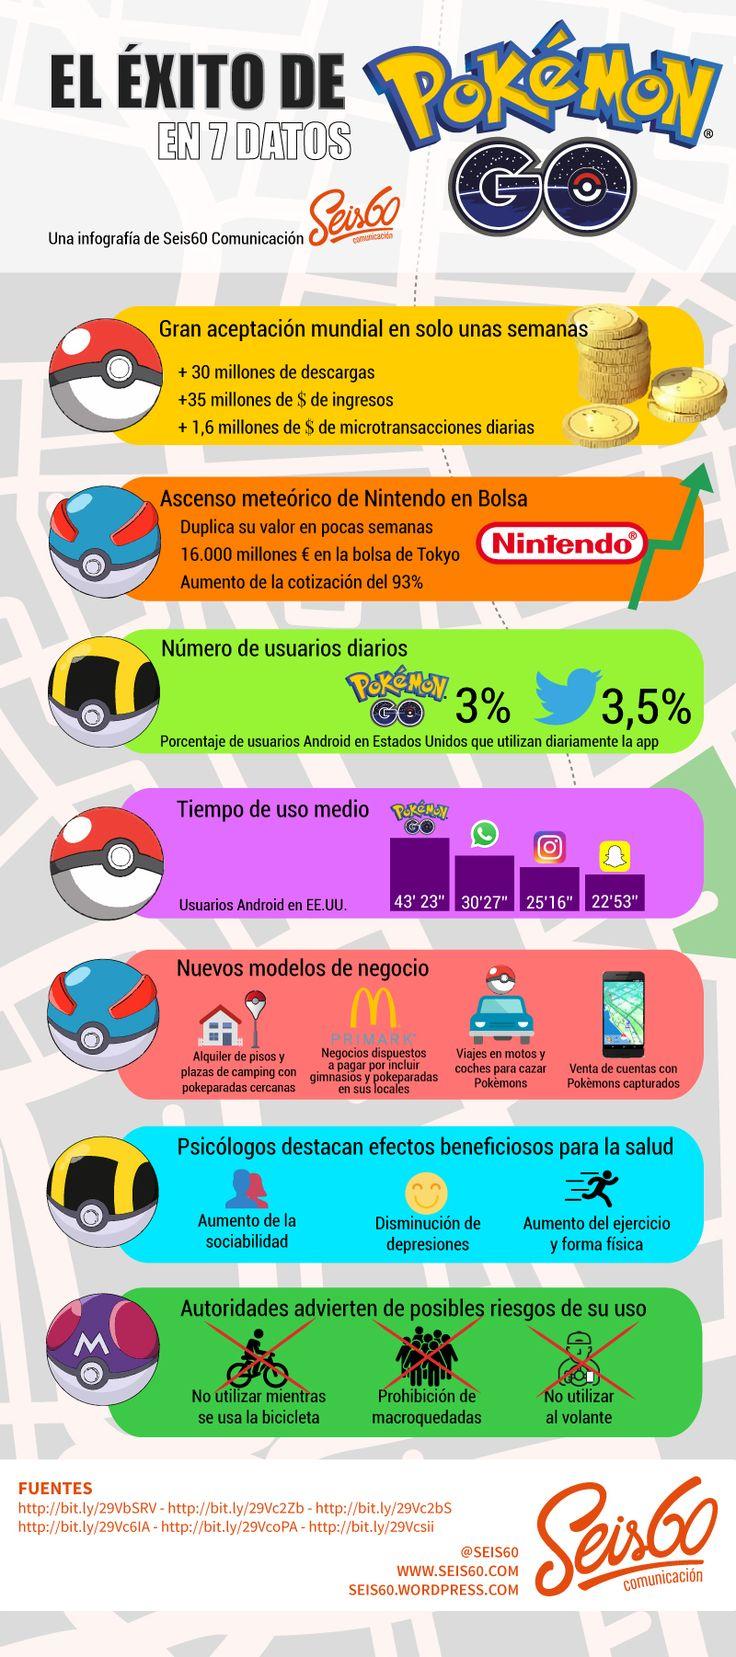 El éxito de Pokemon Go en 7 datos #infografia #infographic   TICs y Formación